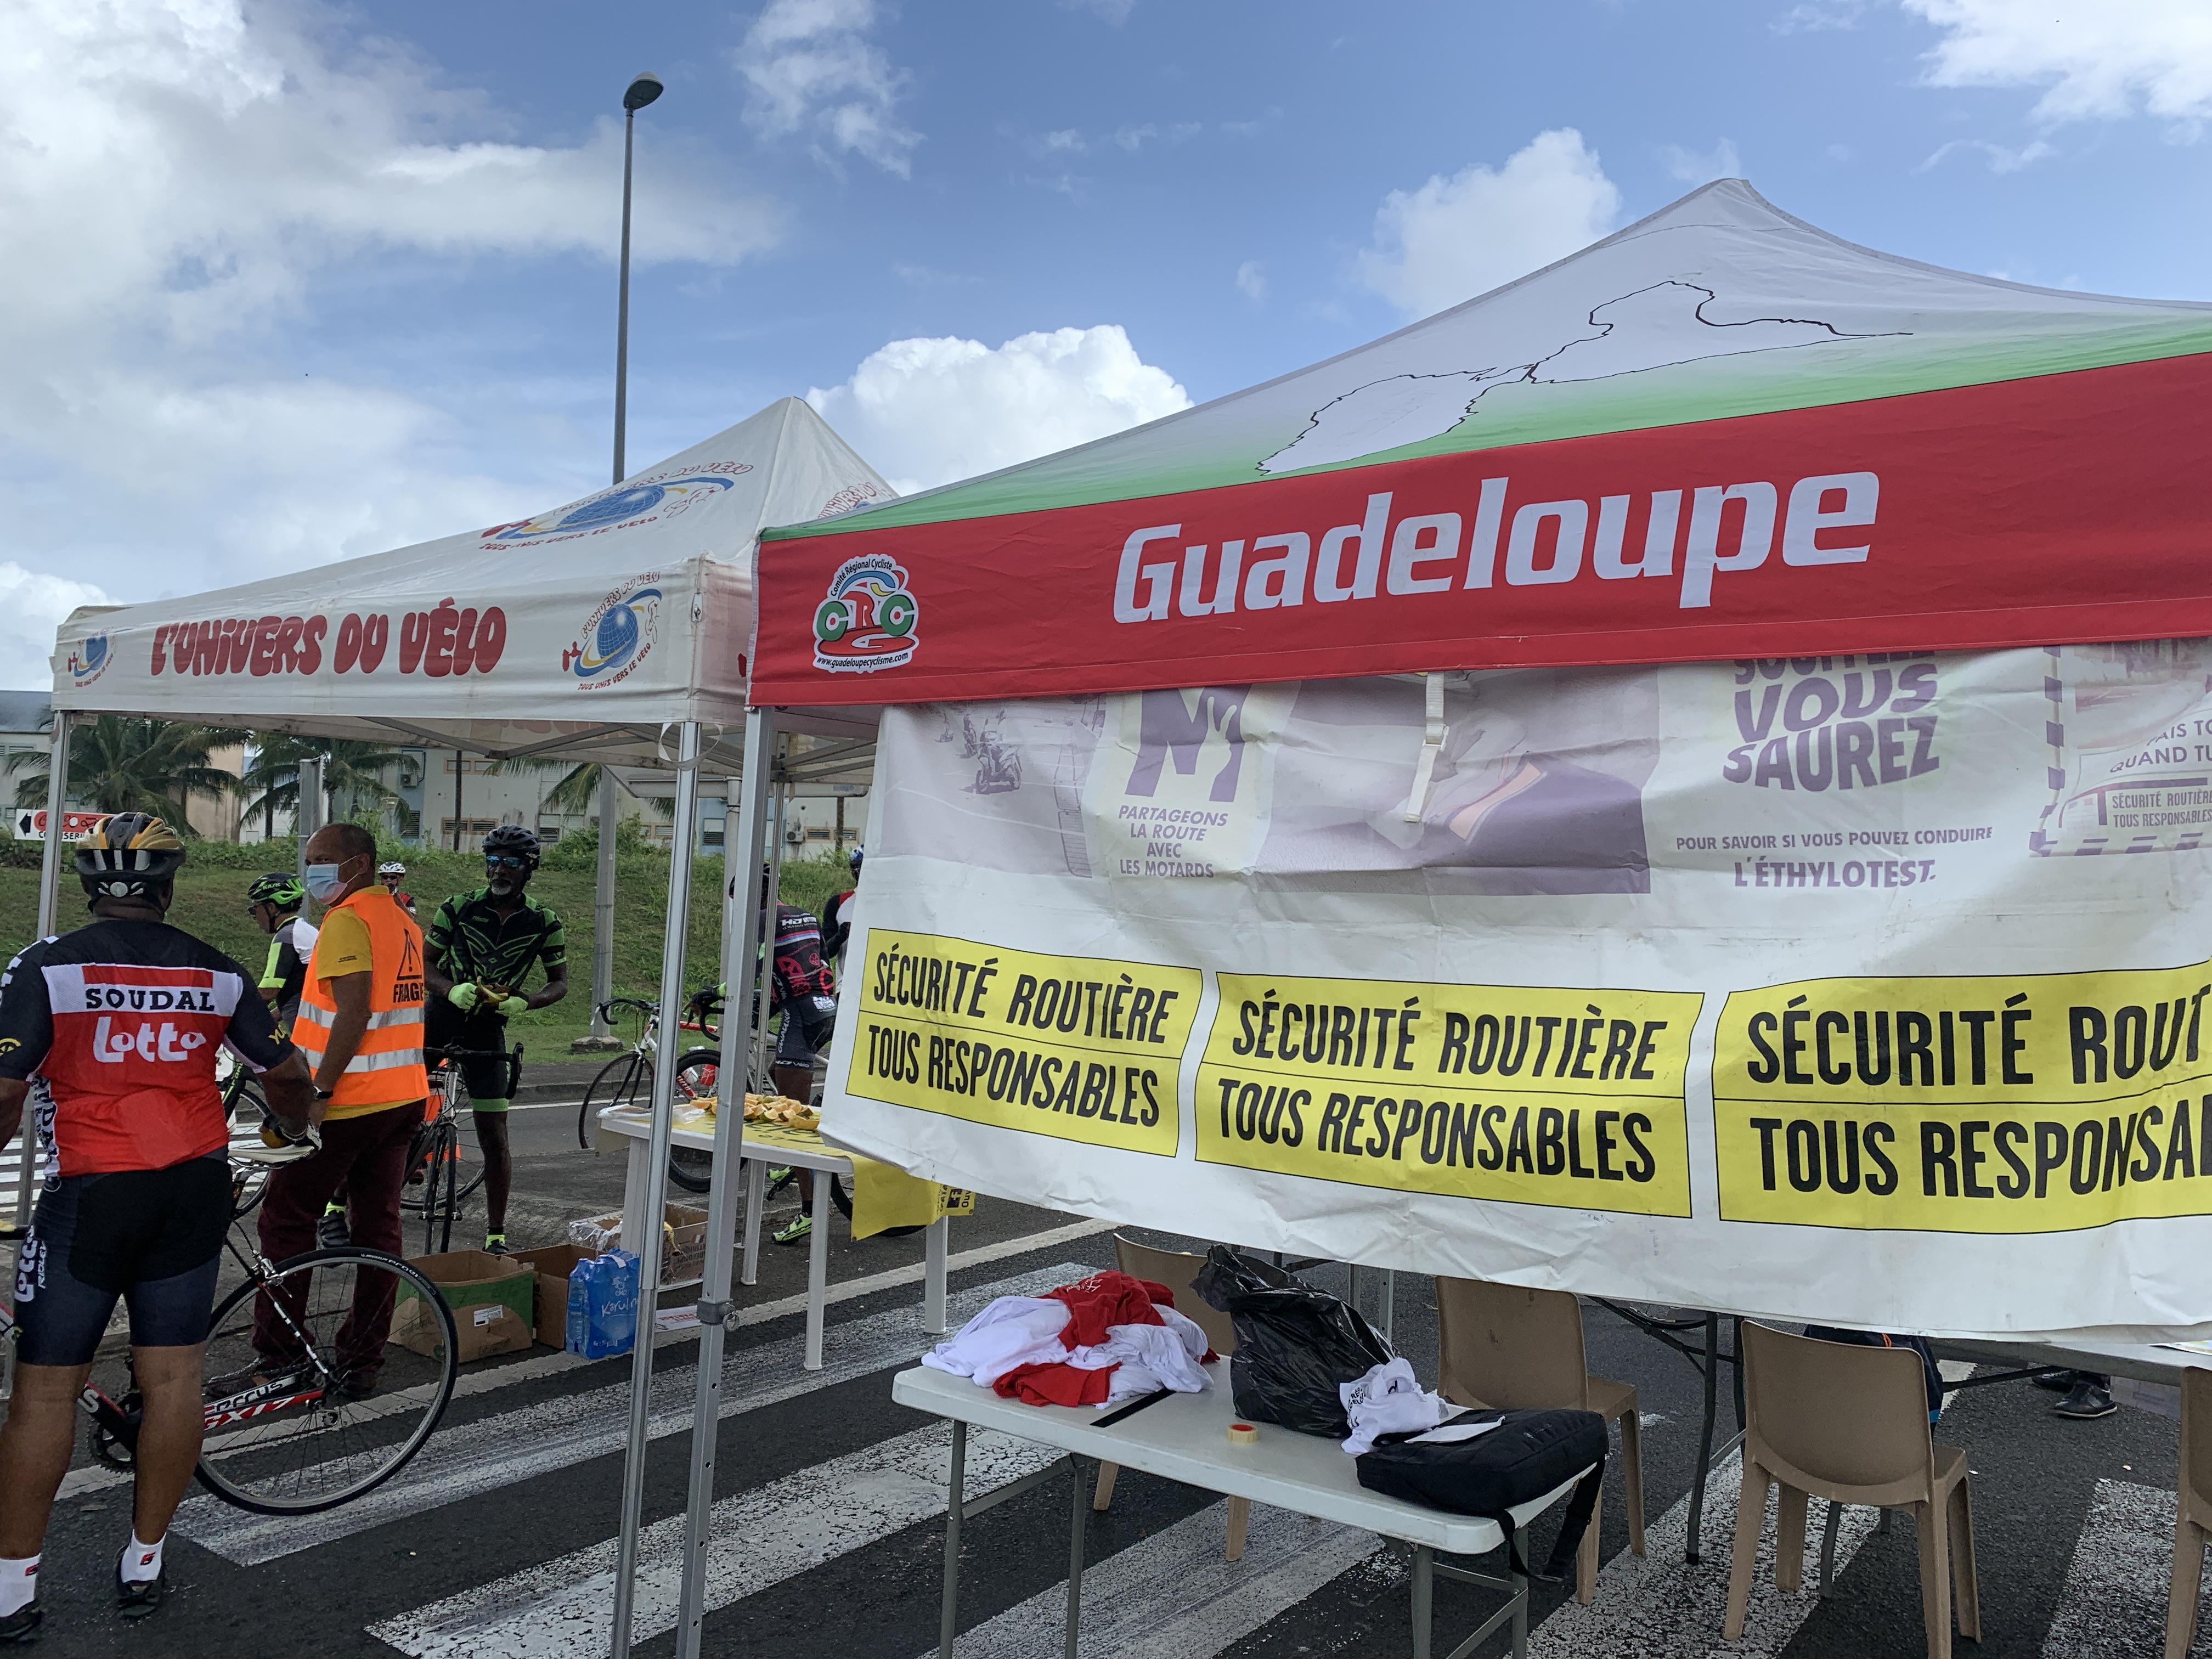 Sécurité routière : opération de sensibilisation aux cyclistes sur la route de l'Alliance